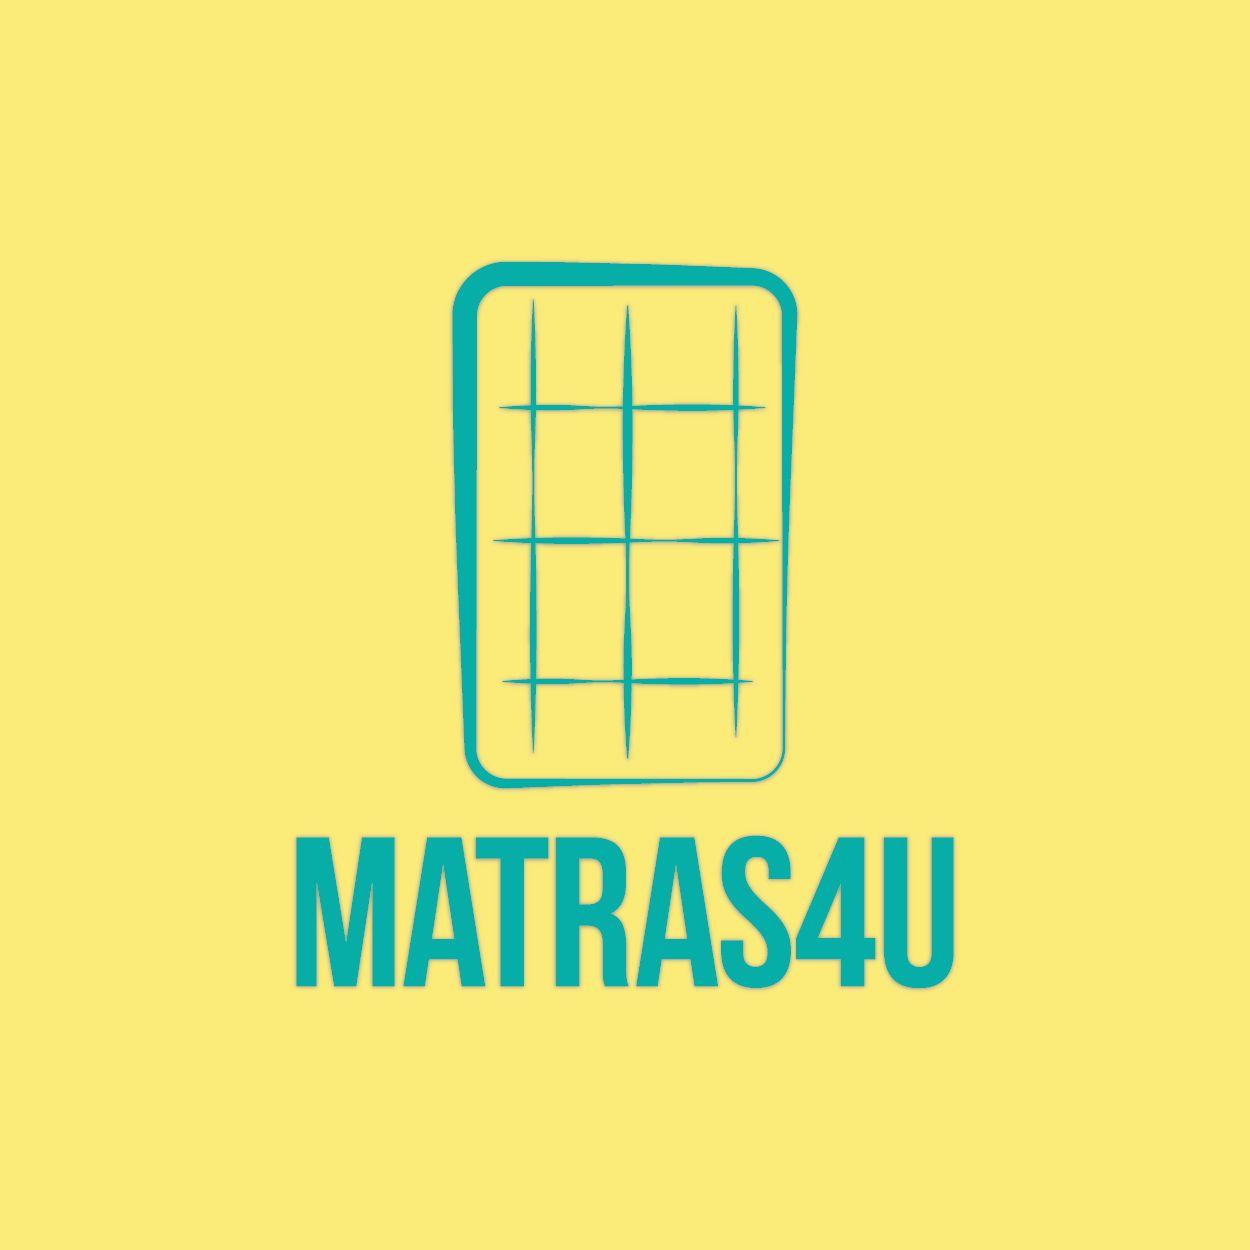 matras4u - дизайнер klyax